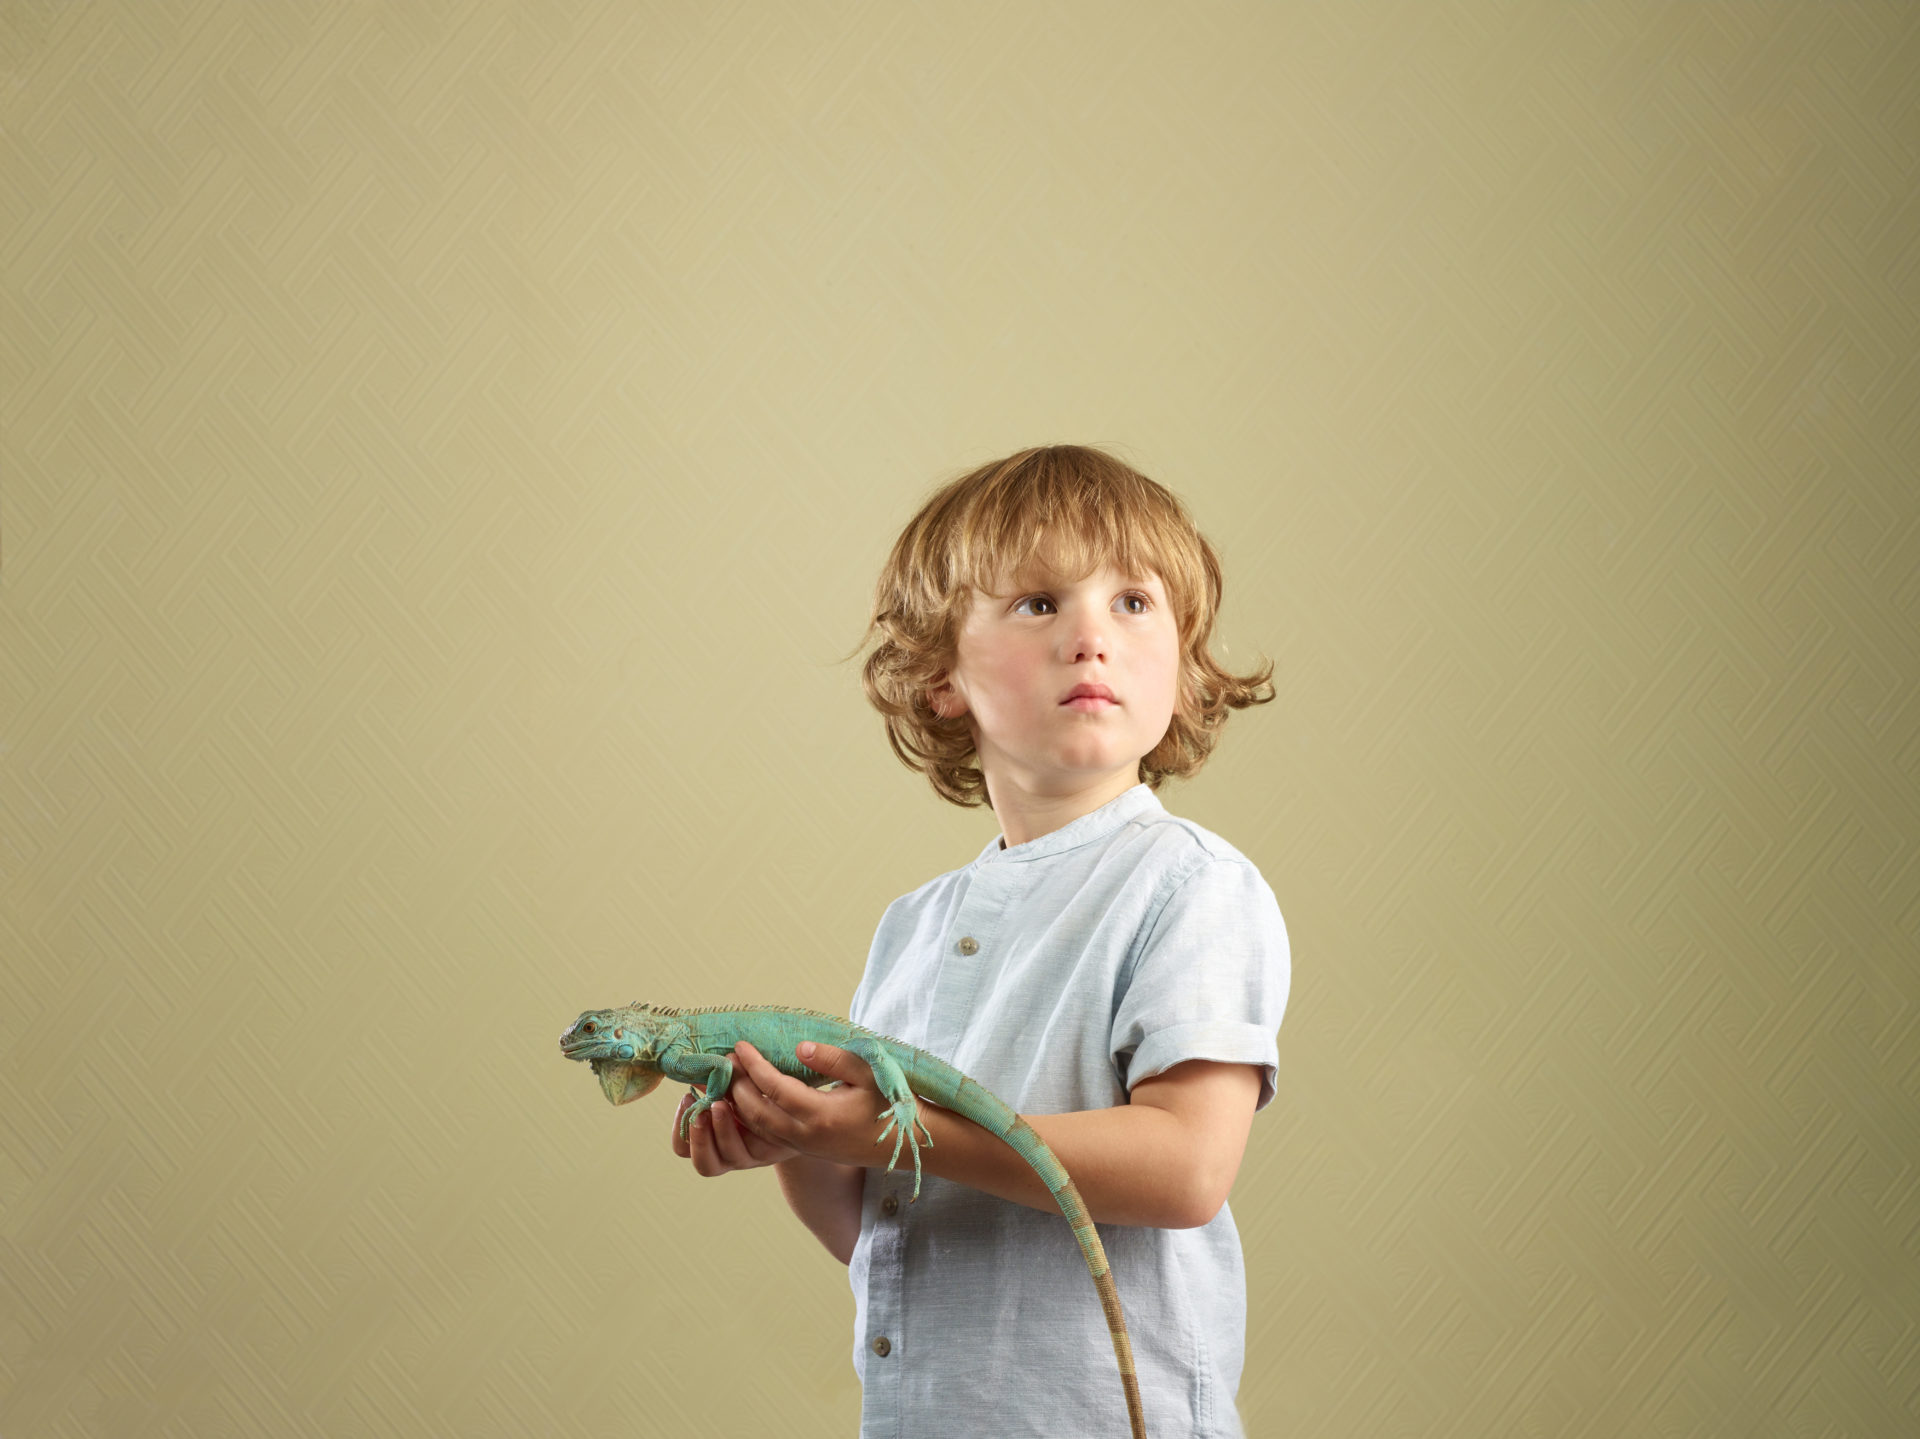 kids and pets – boy holding an iguana lizard – Shaw & Shaw Photography – Shaw and Shaw photographers photography Manchester